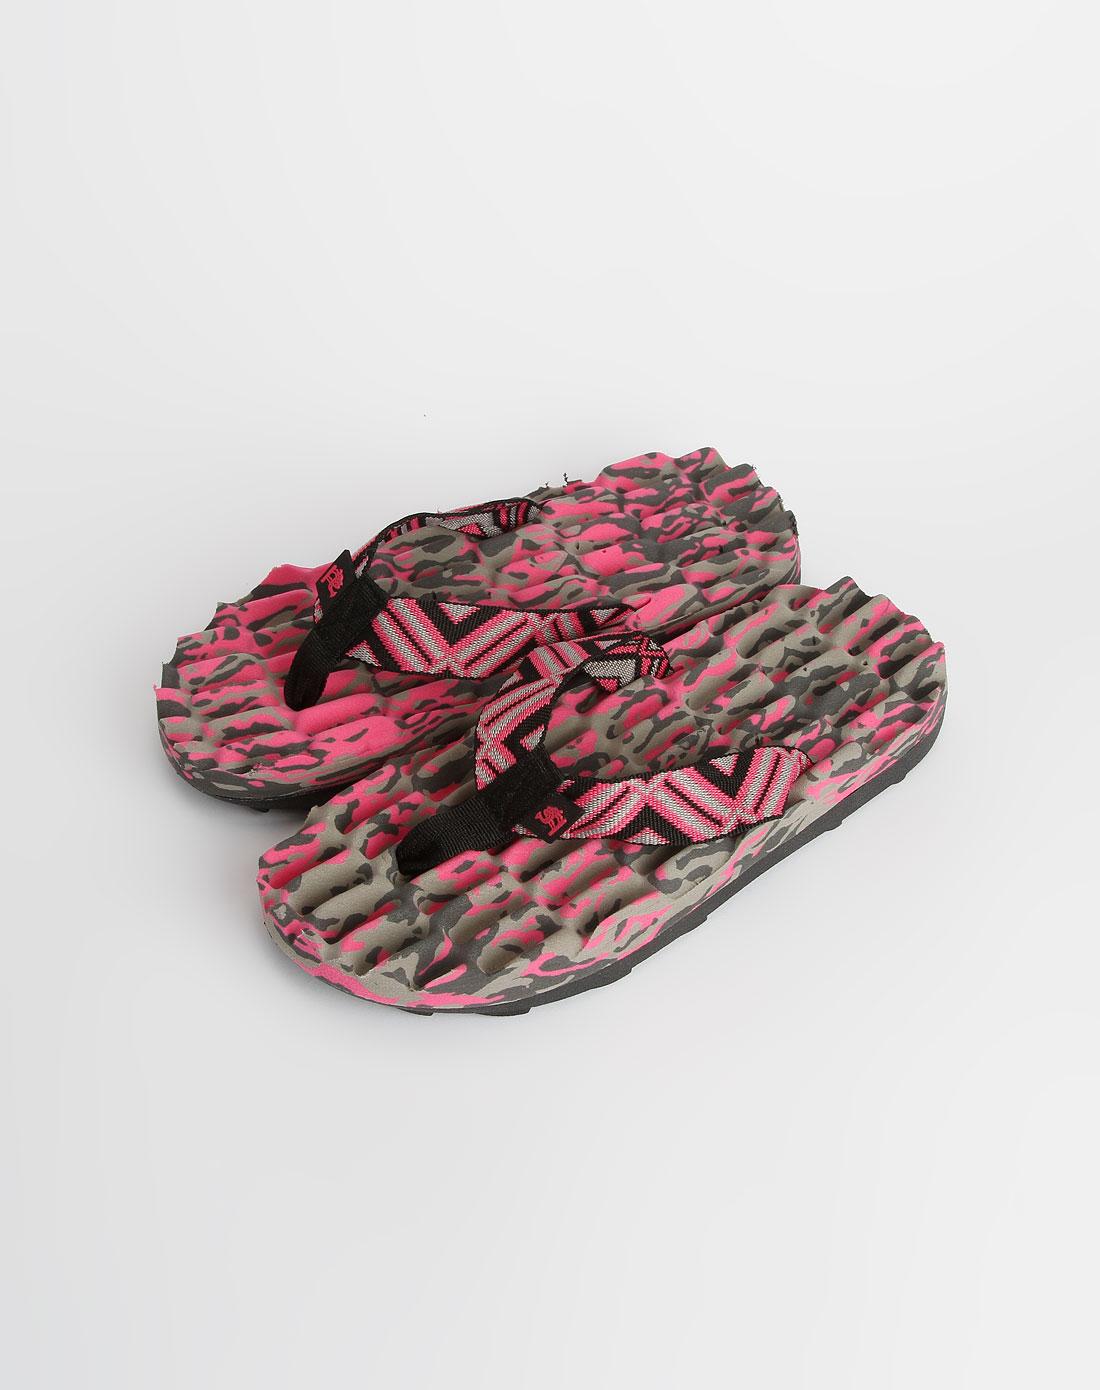 玫红色时尚拖鞋_美国骆驼cantorp特价2.6-4.5折